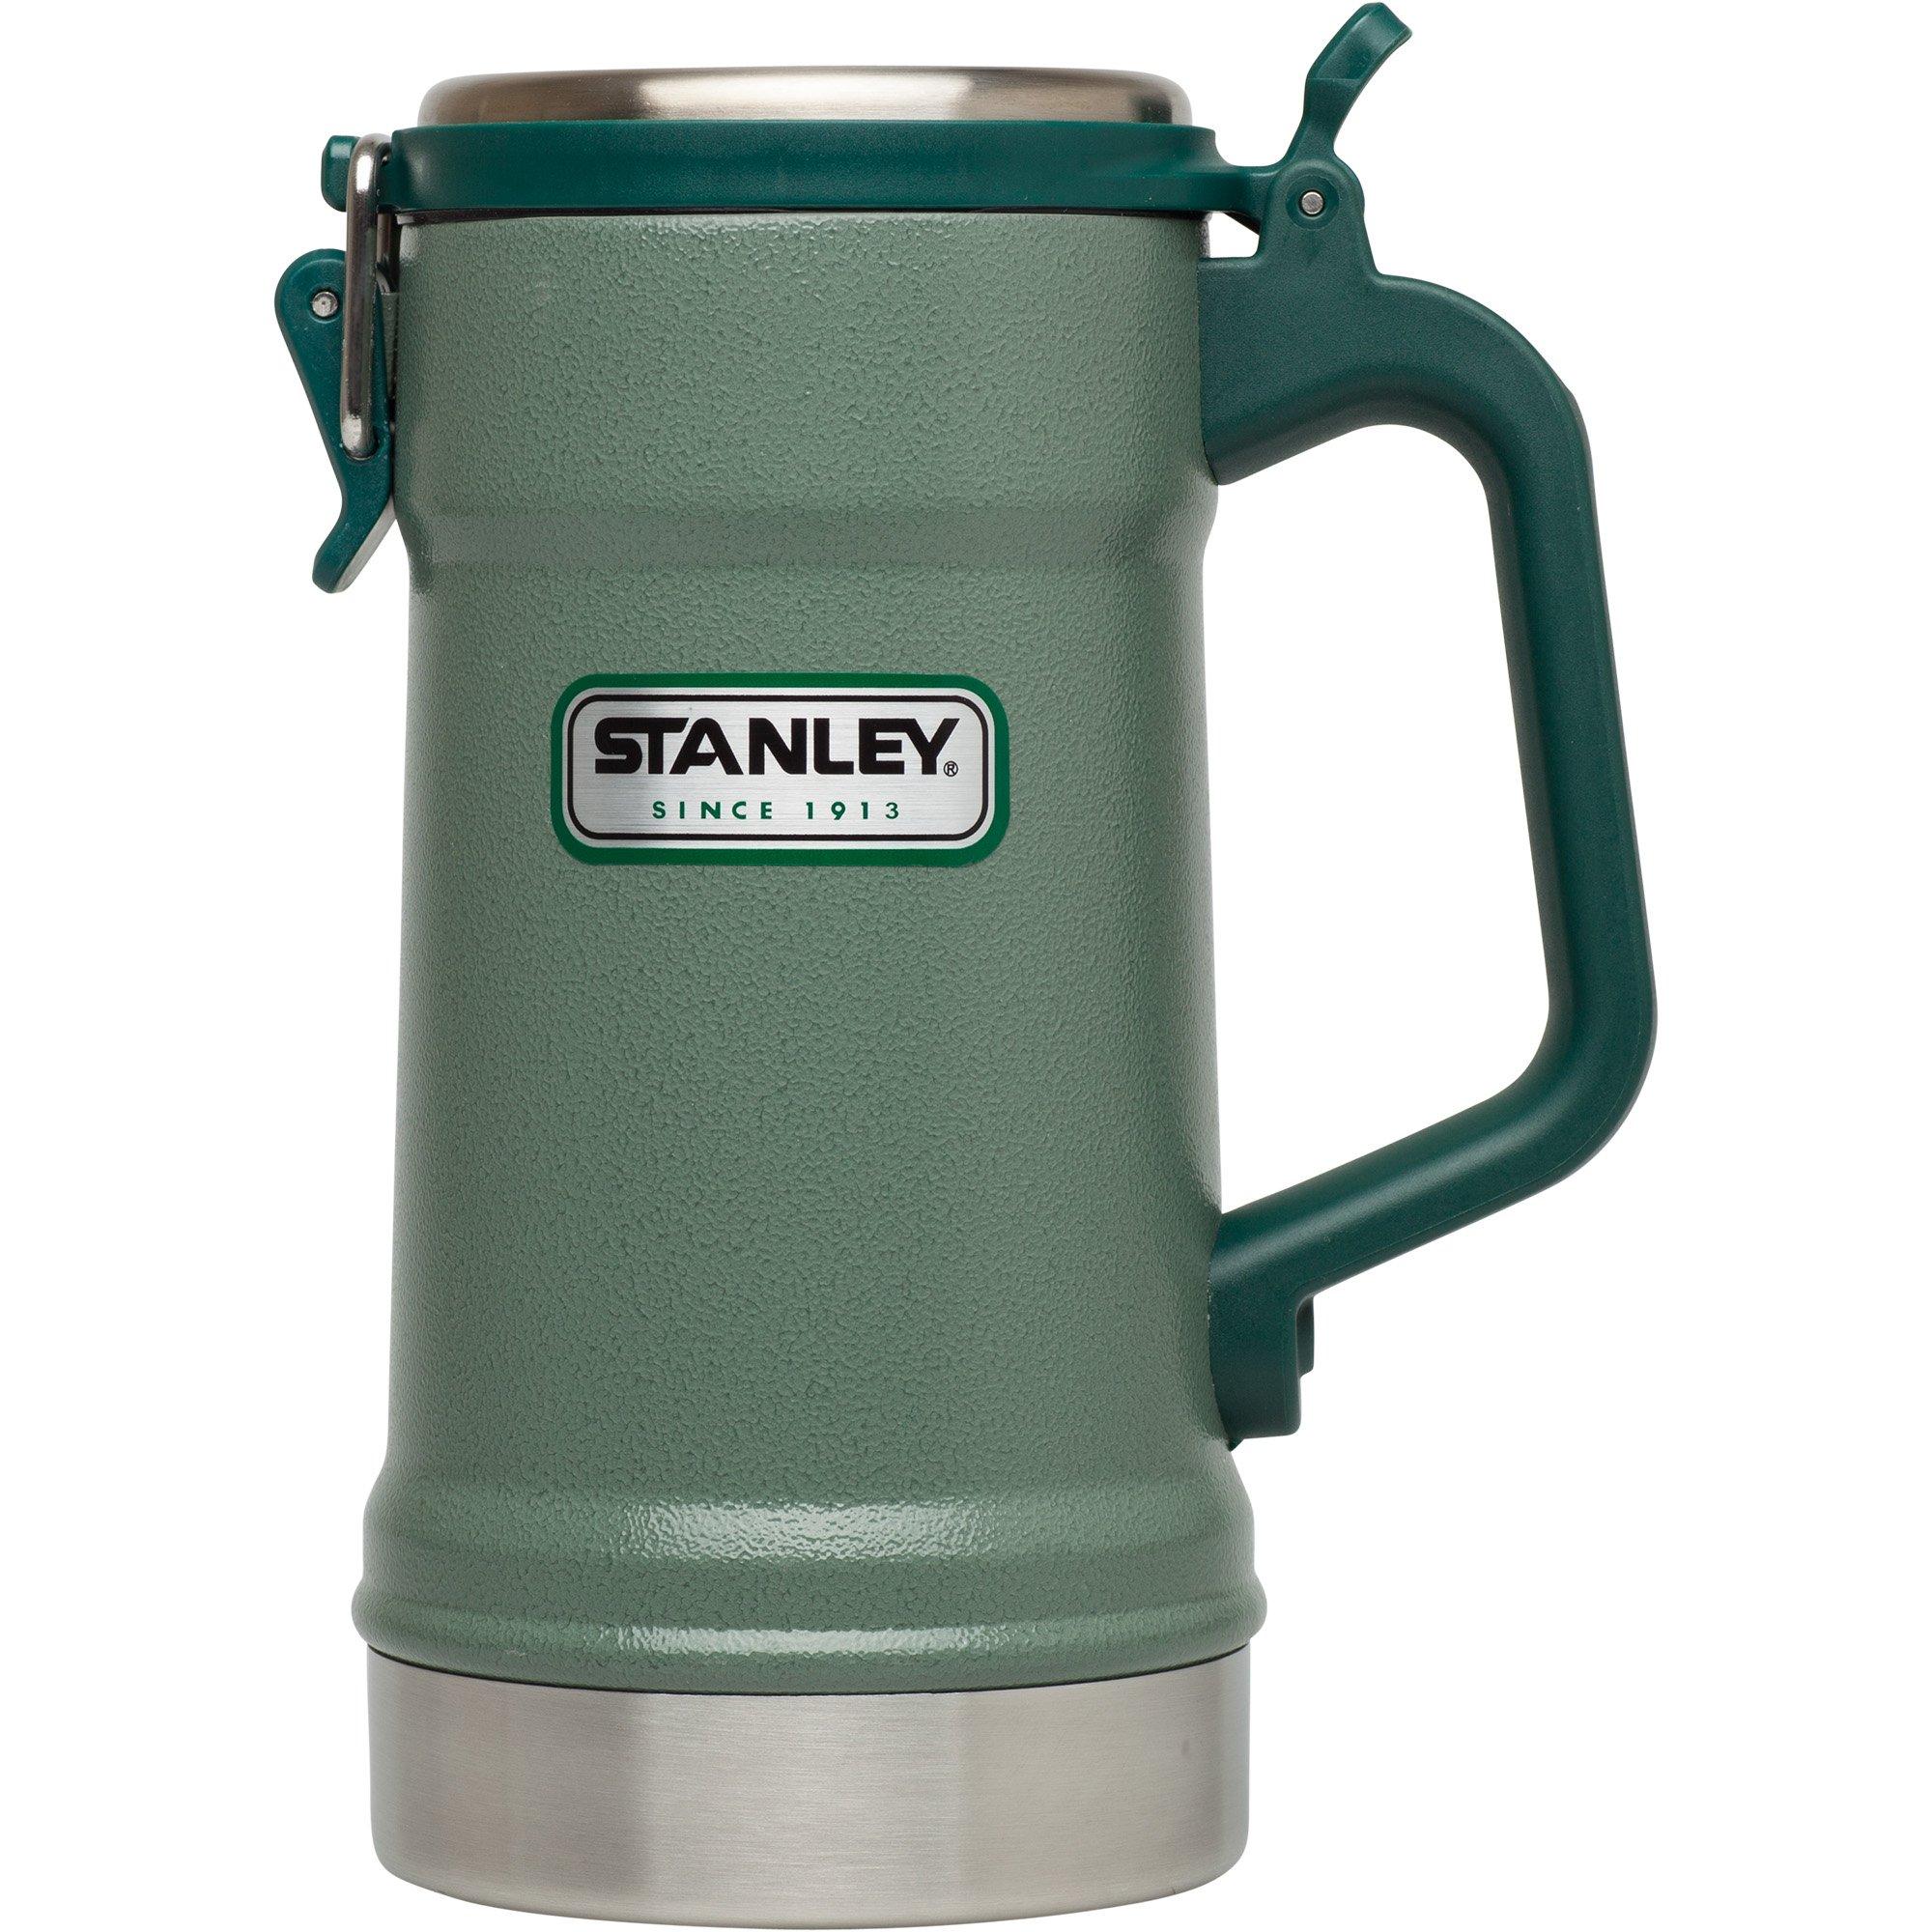 스탠리 스타인 - 손잡이 뚜껑 머그 24oz 710ml 2종 (보냉, 보온, 탄산유지 기능, 개인컵 강력 추천) Stanley Vacuum Stein